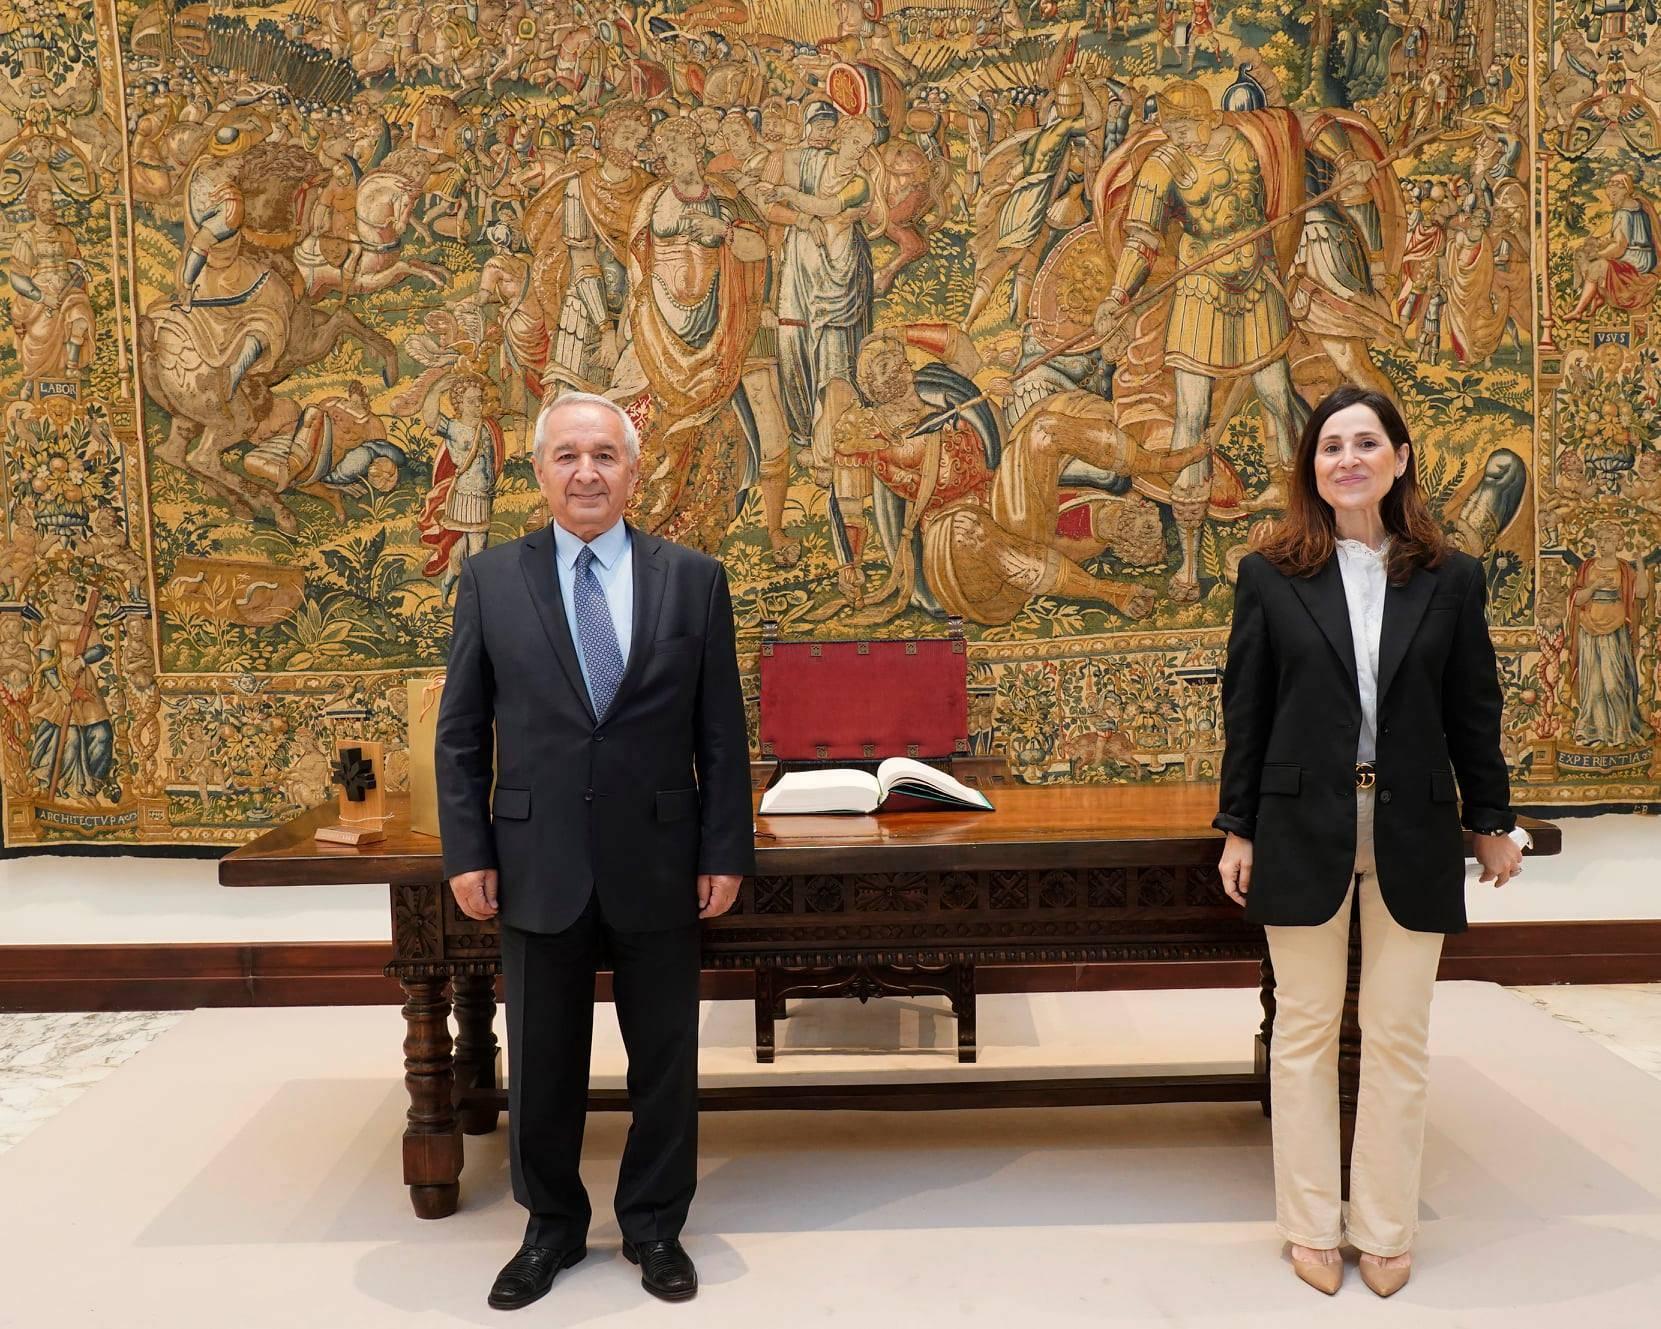 Դեսպան Վլադիմիր Կարմիրշալյանի հանդիպումը Բասկերի երկրի խորհրդարանի նախագահ Բակարչո Տեխերիայի հետ